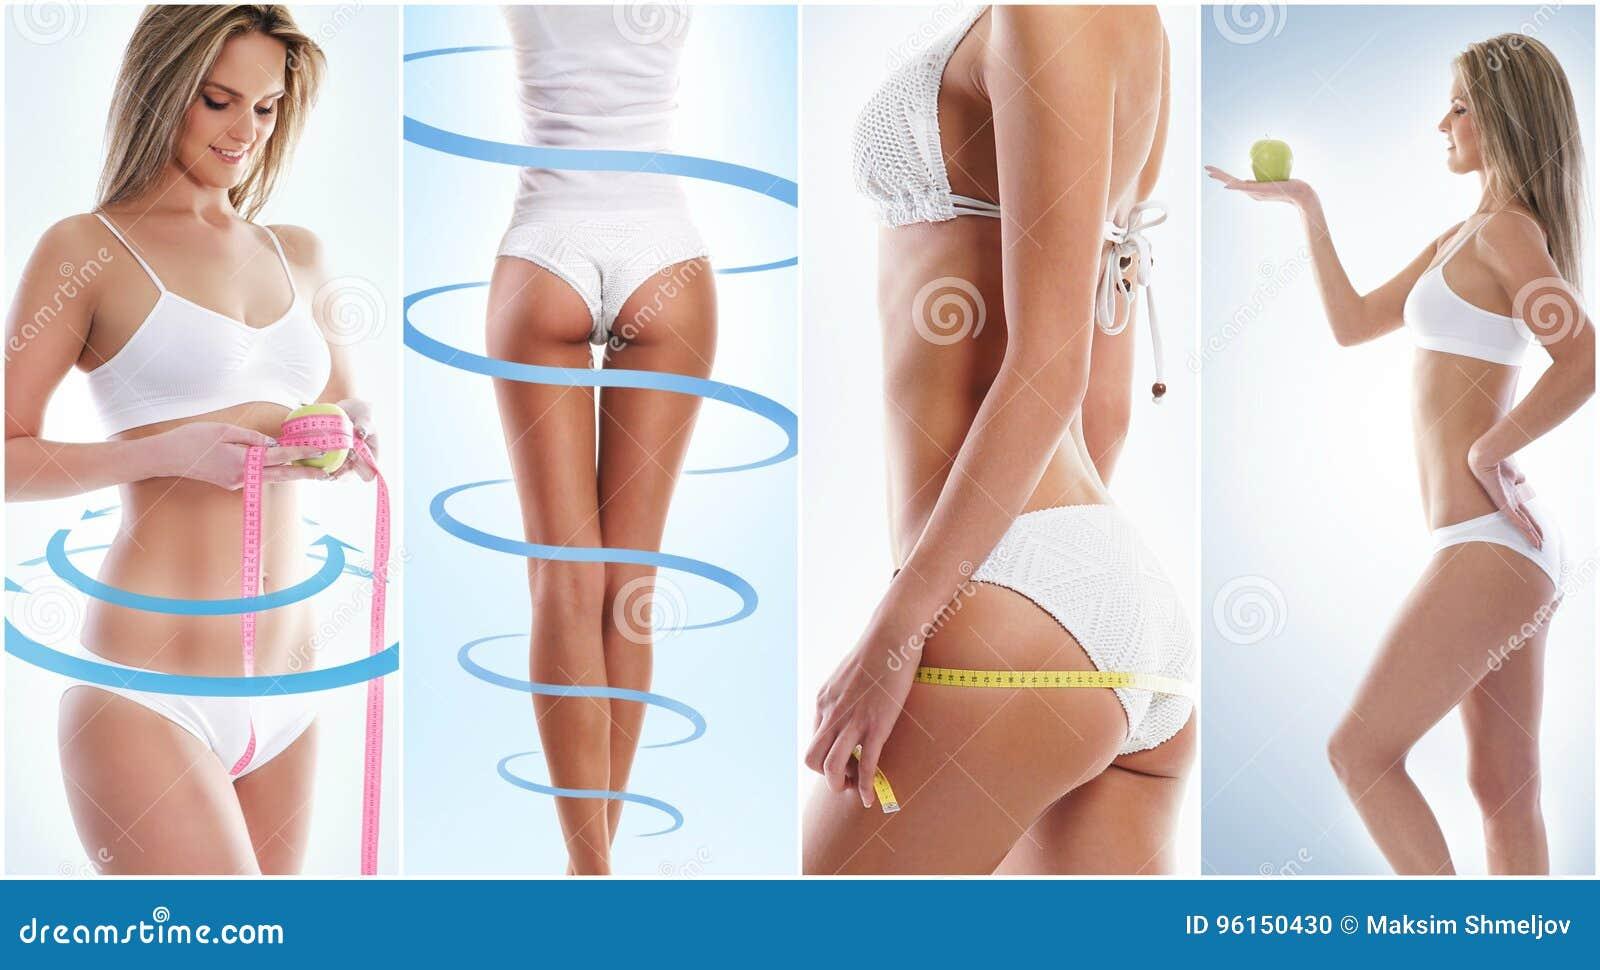 Фото женских тел